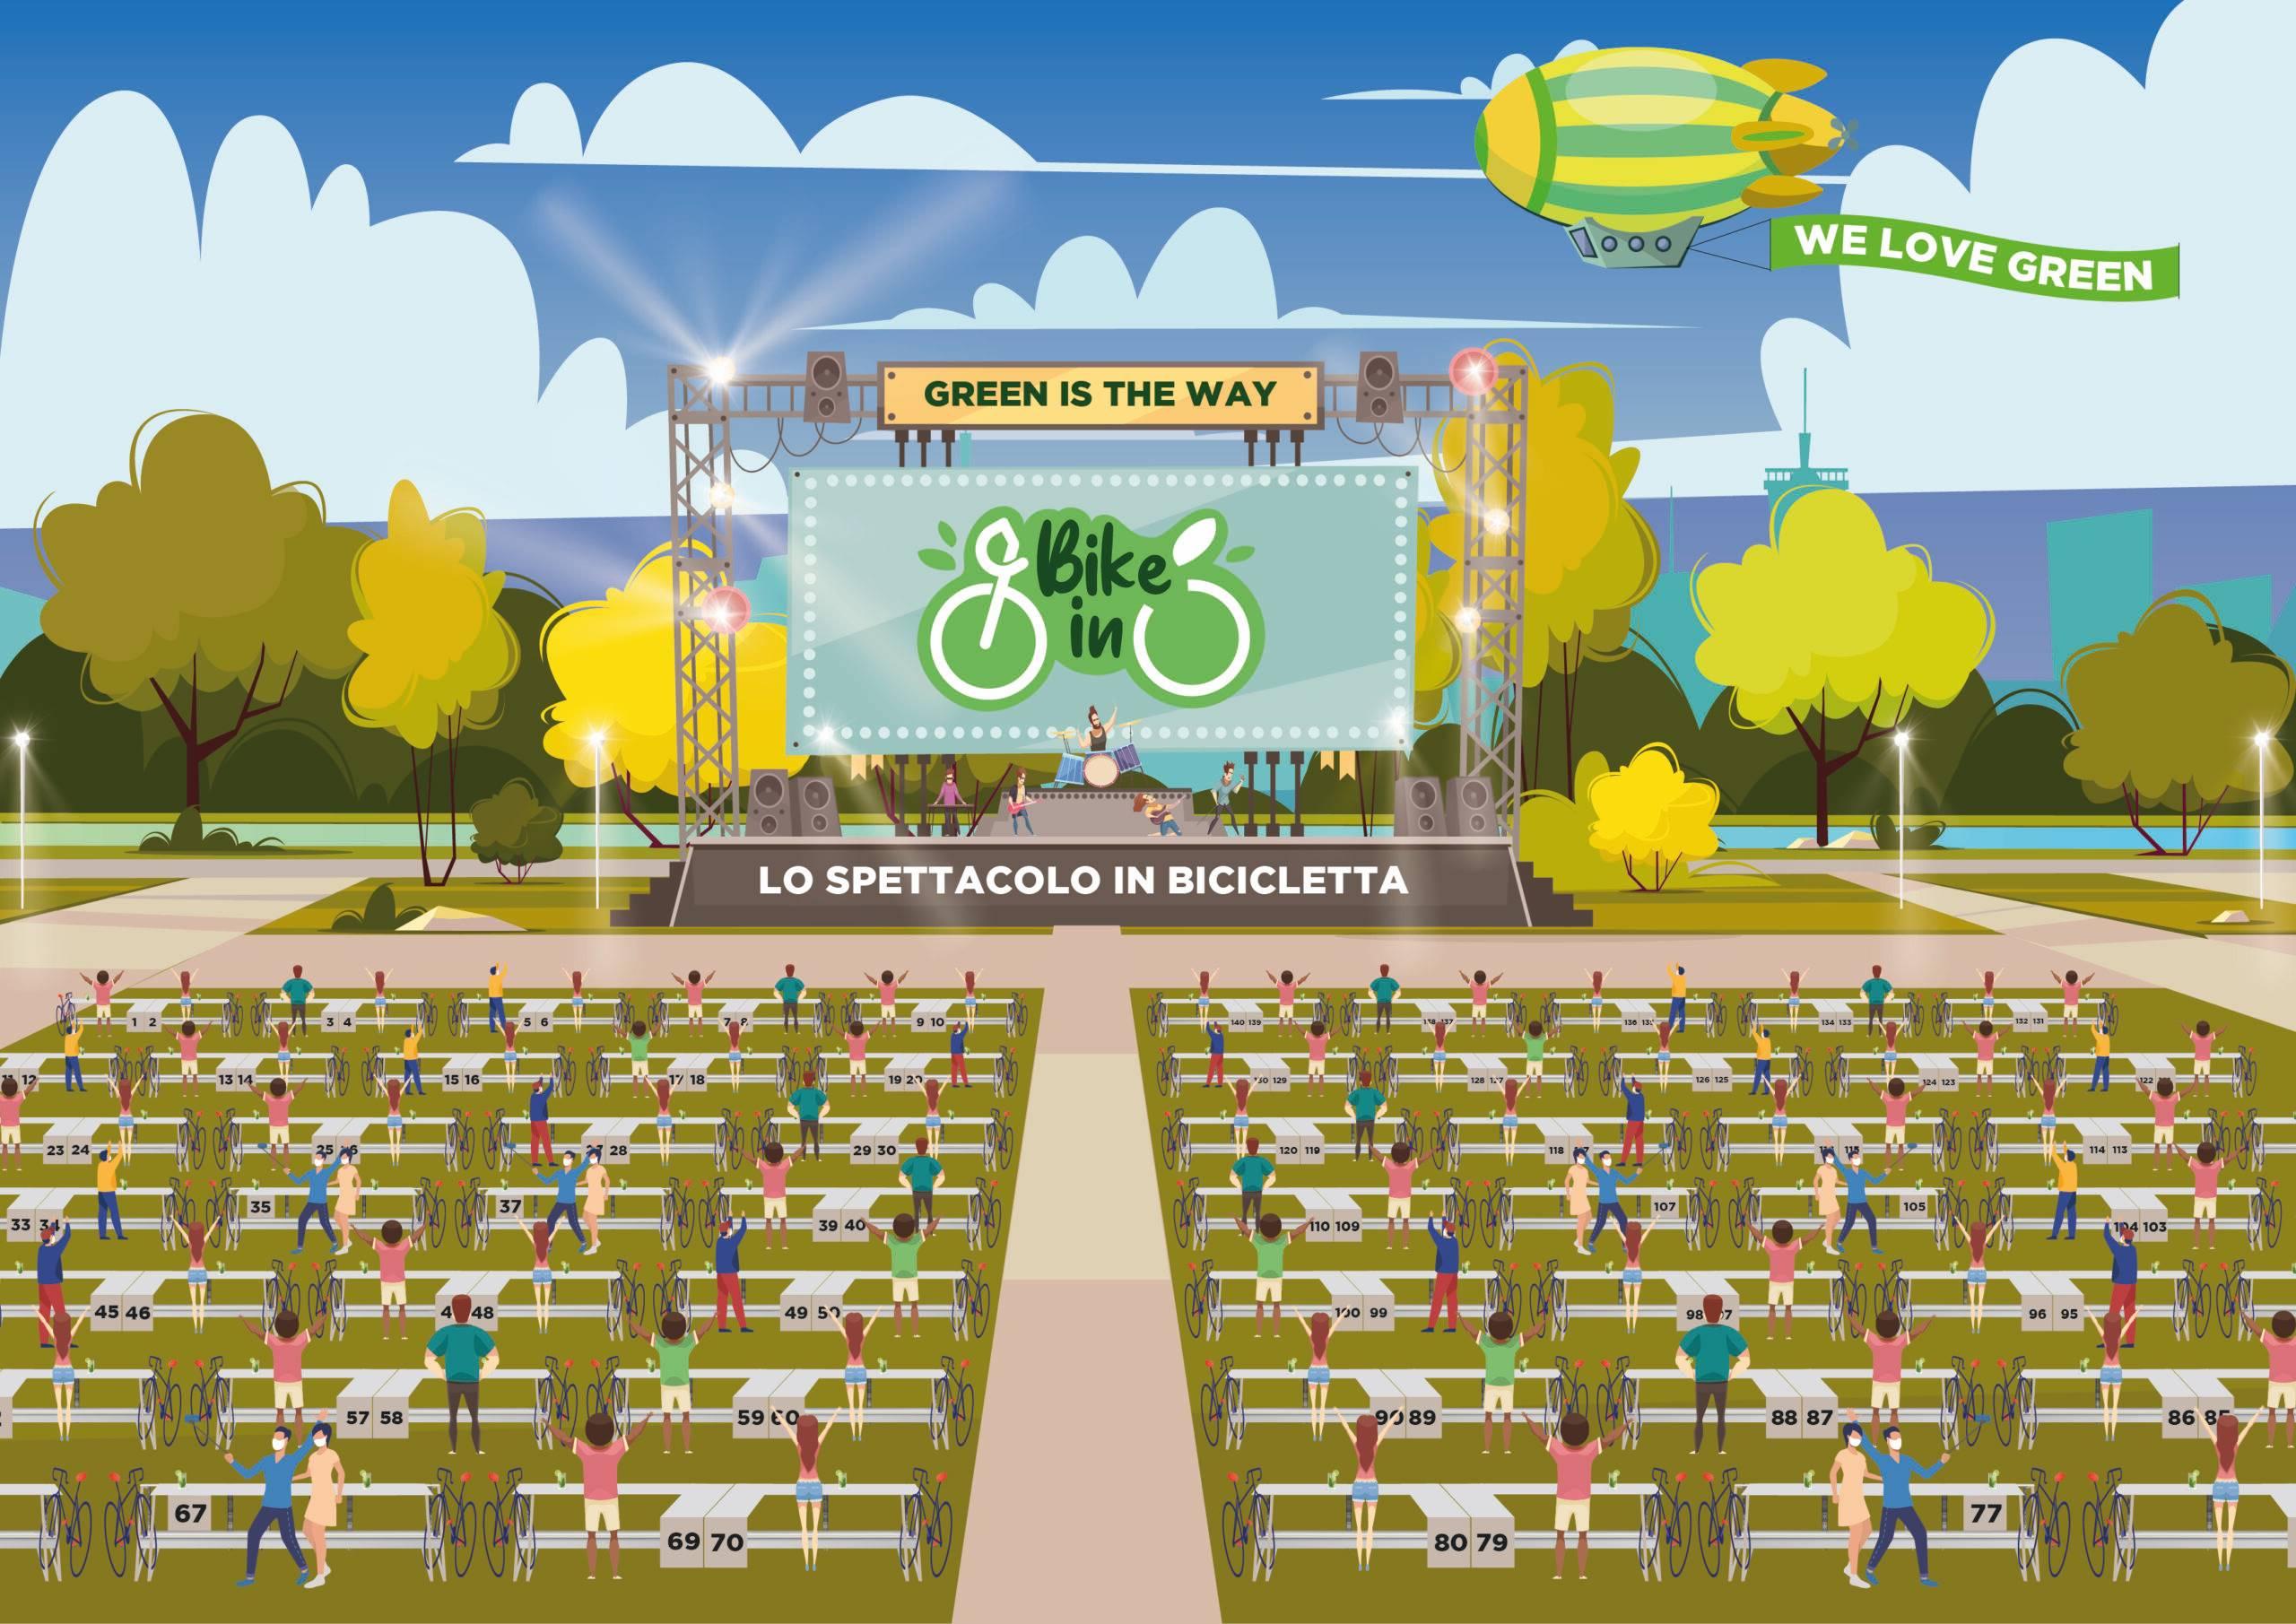 Ghemon il 30 agosto e Psicologi l'1 settembre, sono i primi ospiti del Festival Green in programma all'Ex Base Nato